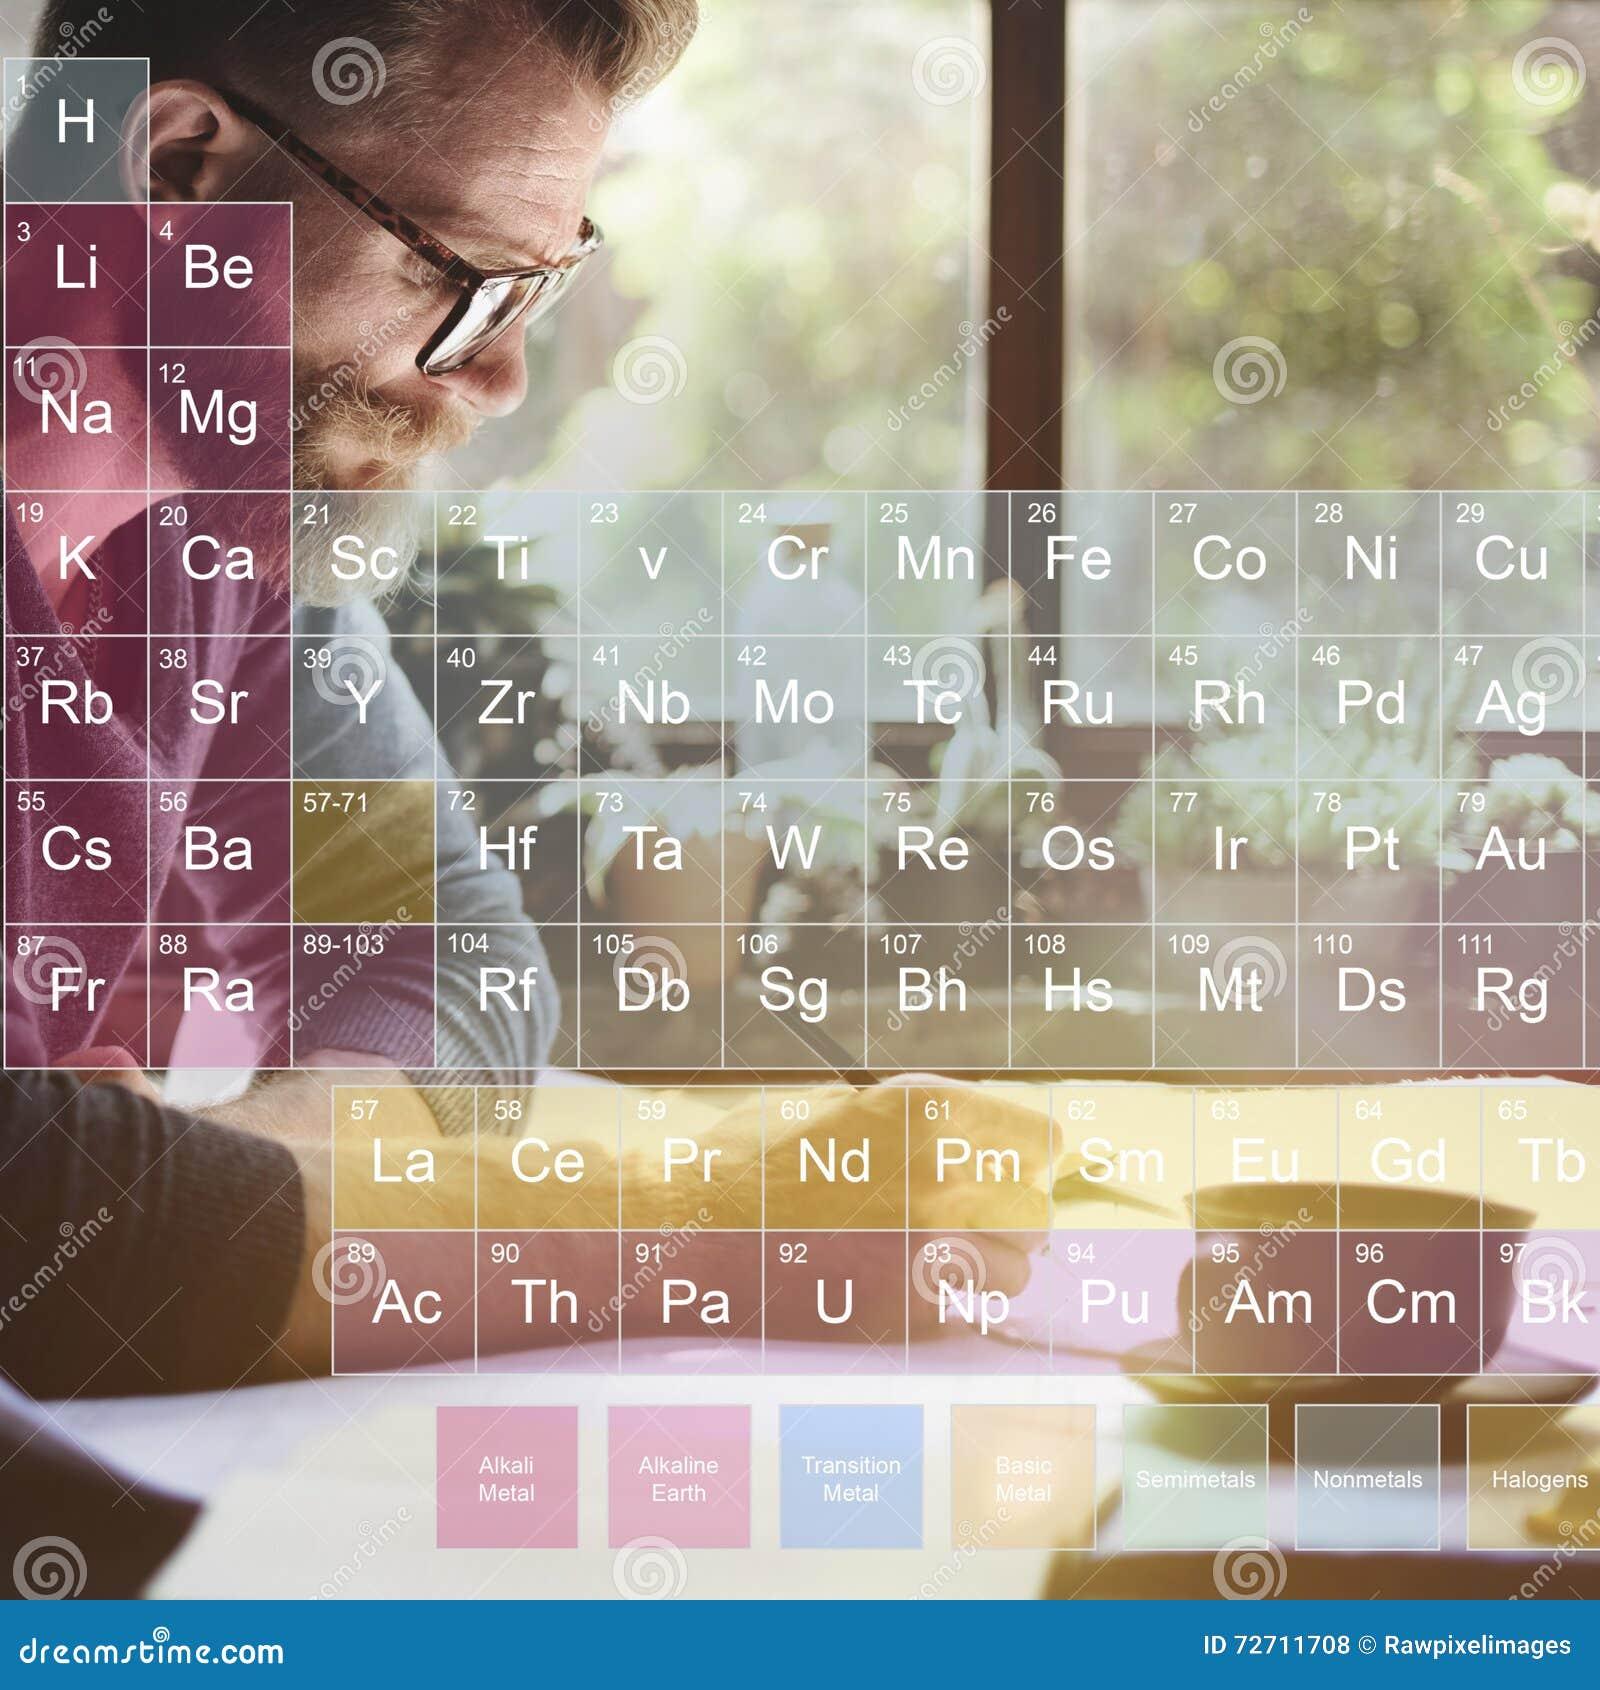 Concepto qumico de mendeleev de la qumica de la tabla peridica download concepto qumico de mendeleev de la qumica de la tabla peridica foto de archivo urtaz Images